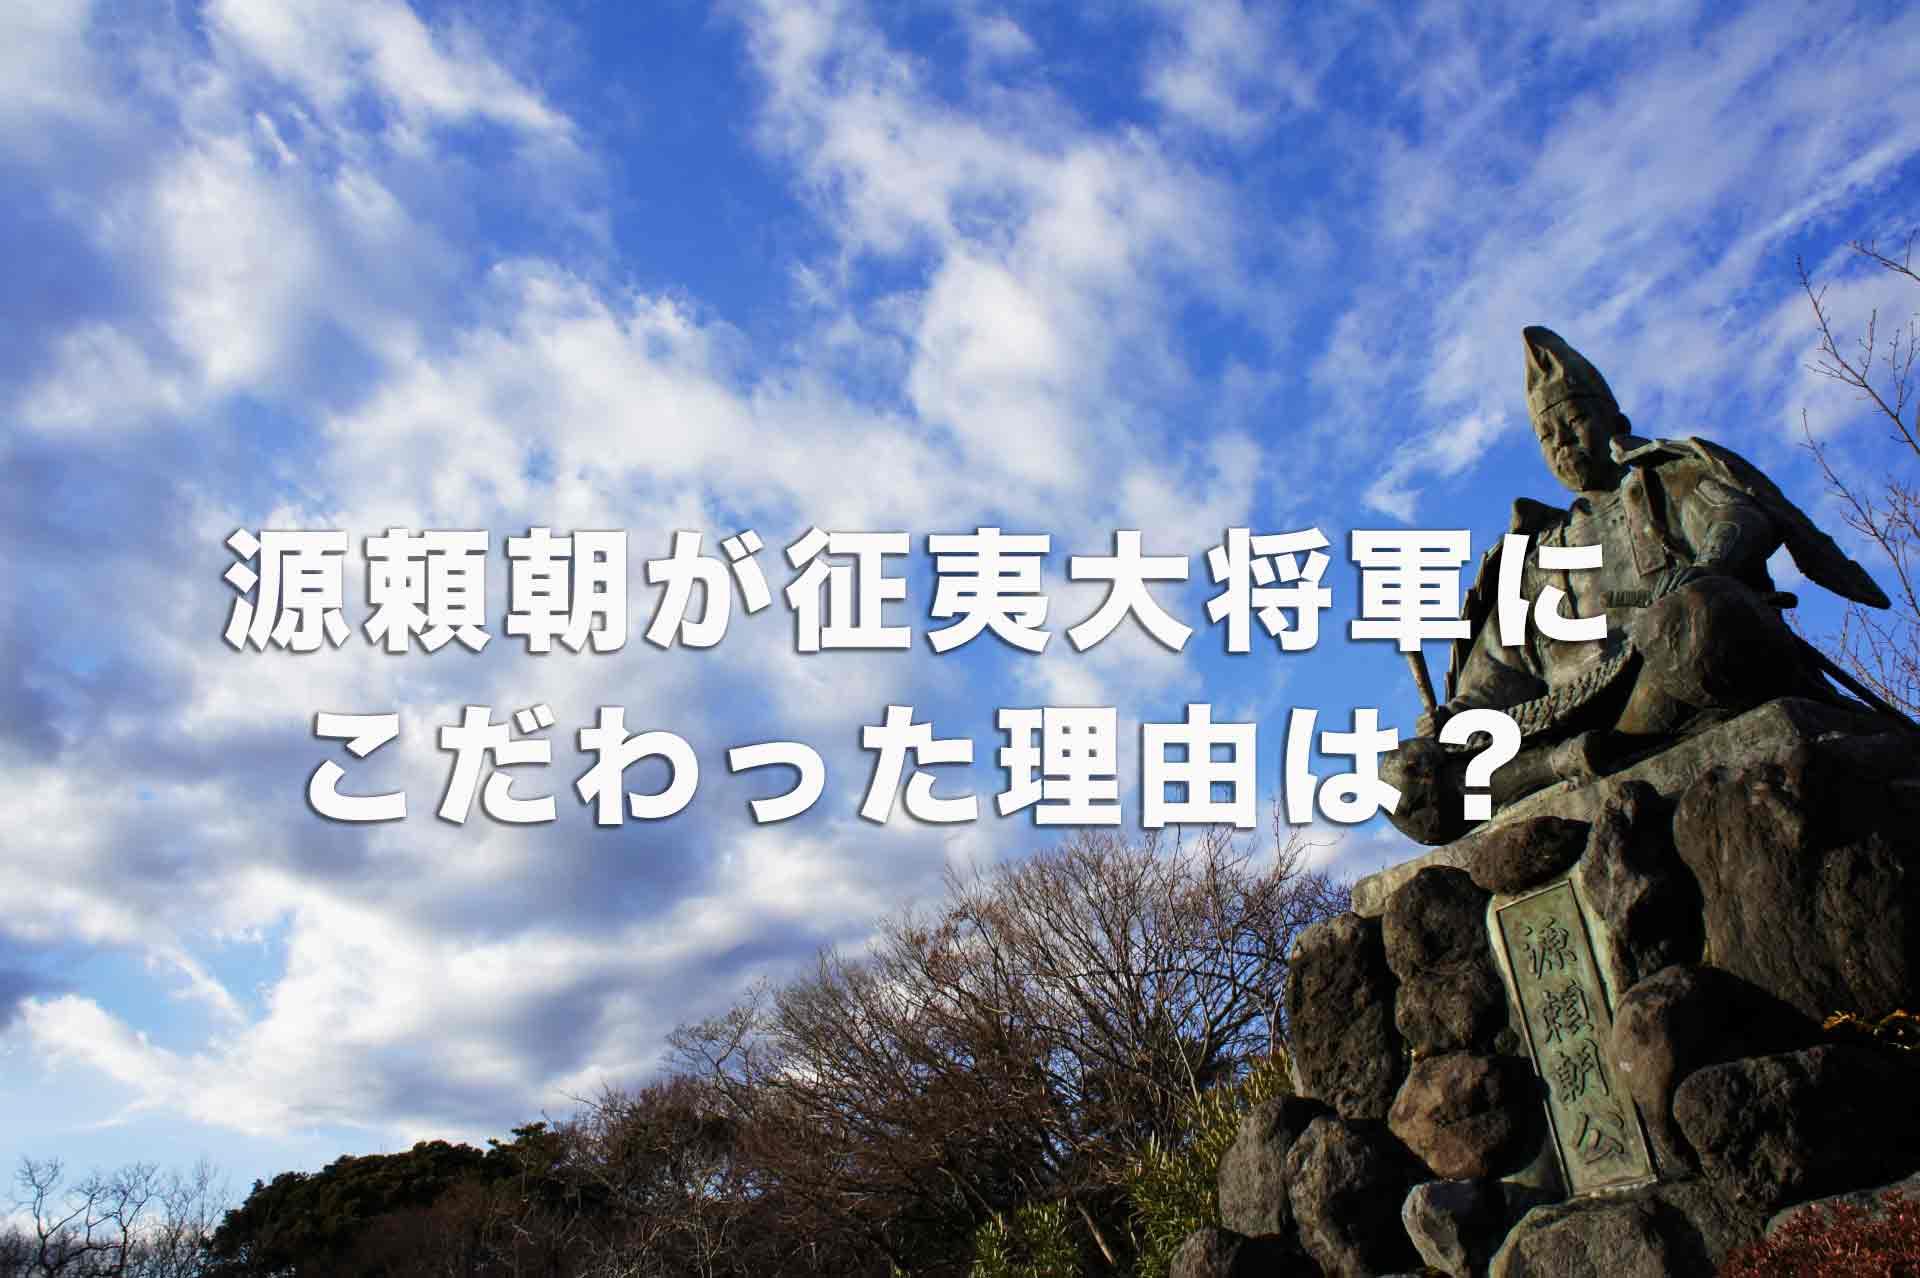 源頼朝が征夷大将軍にこだわった理由は?いつ、どのような経緯で任命されたのか?